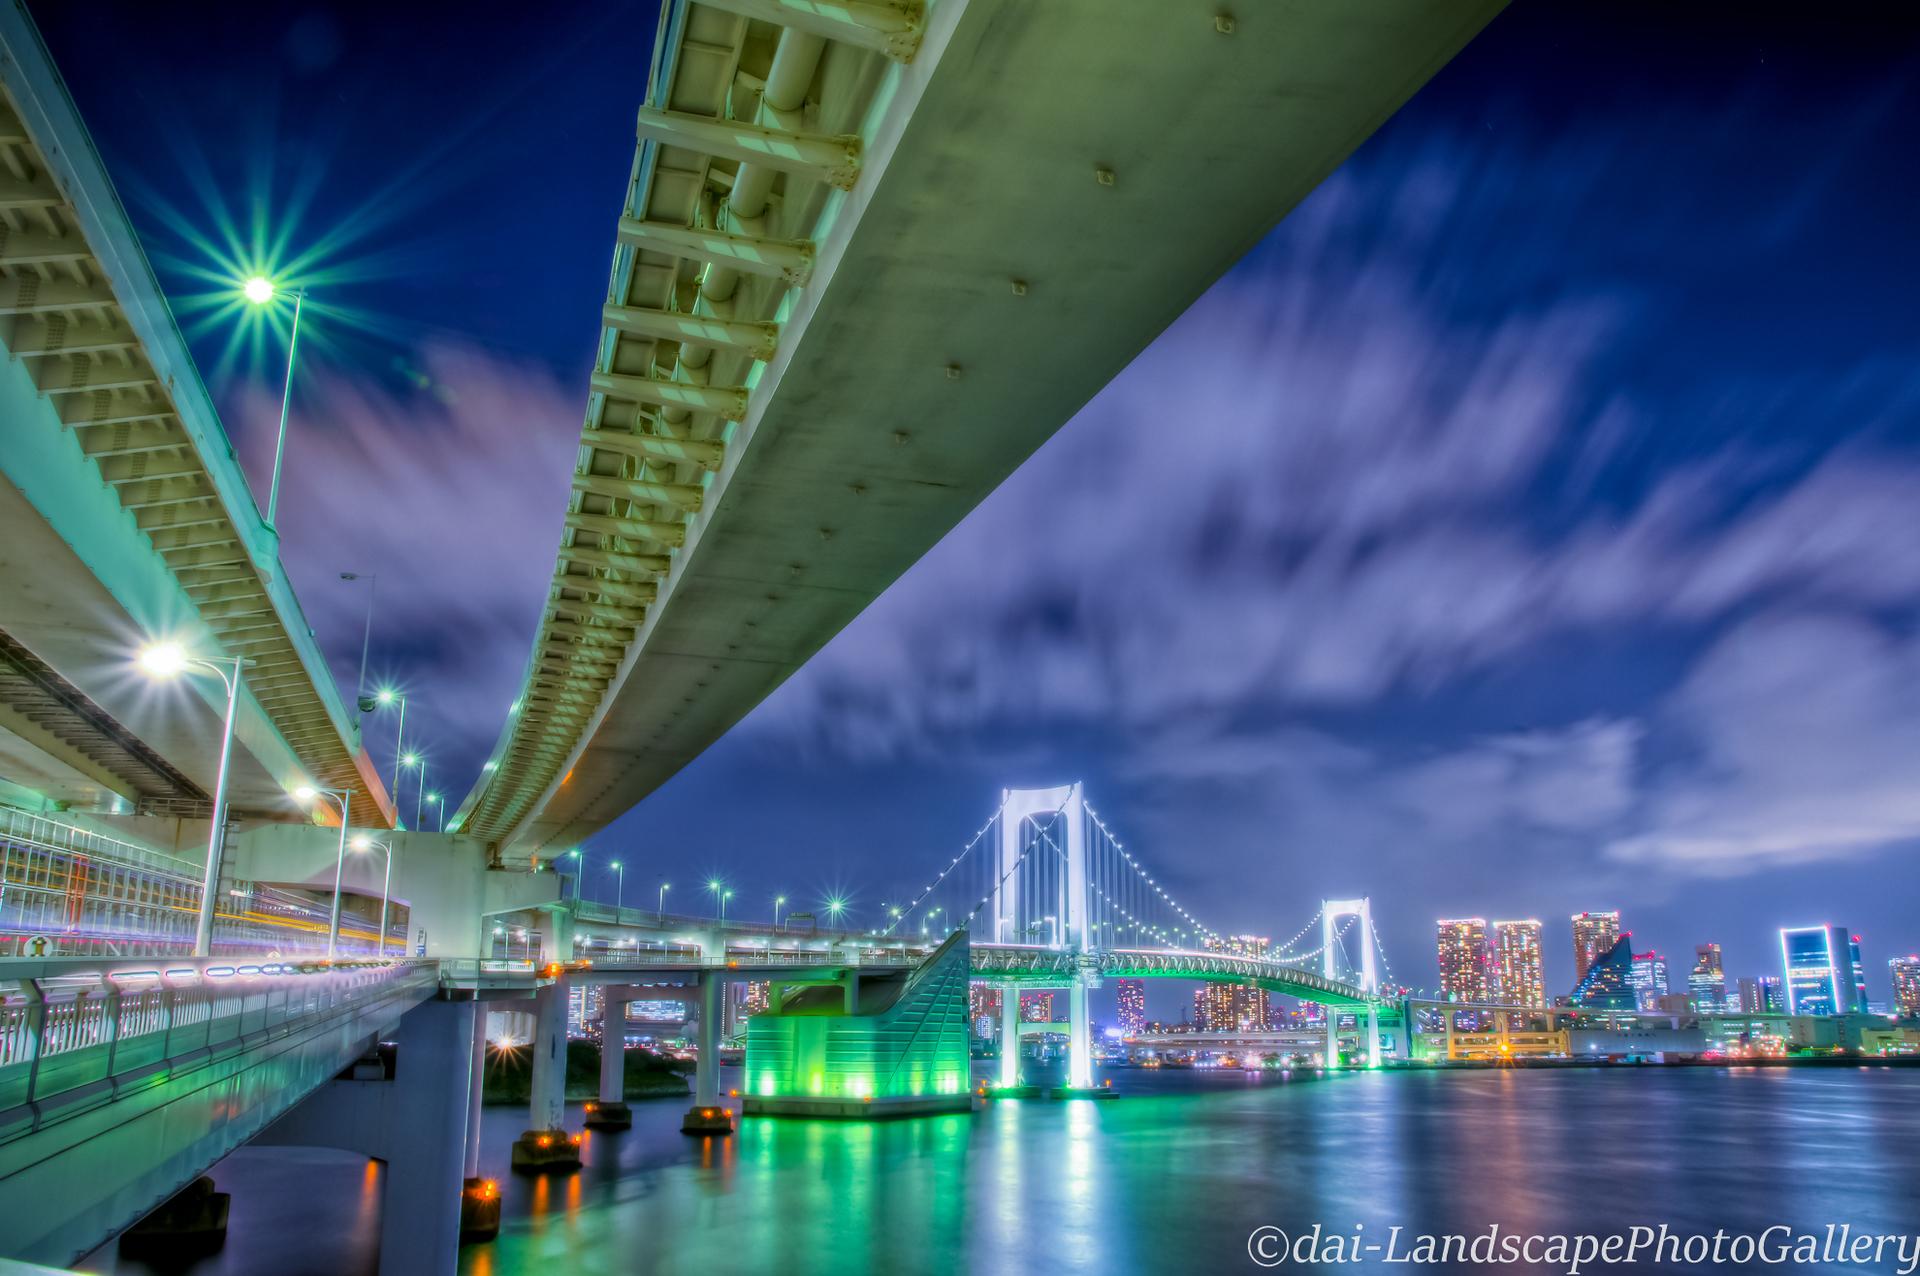 夜のレインボーブリッジ【HDRi】